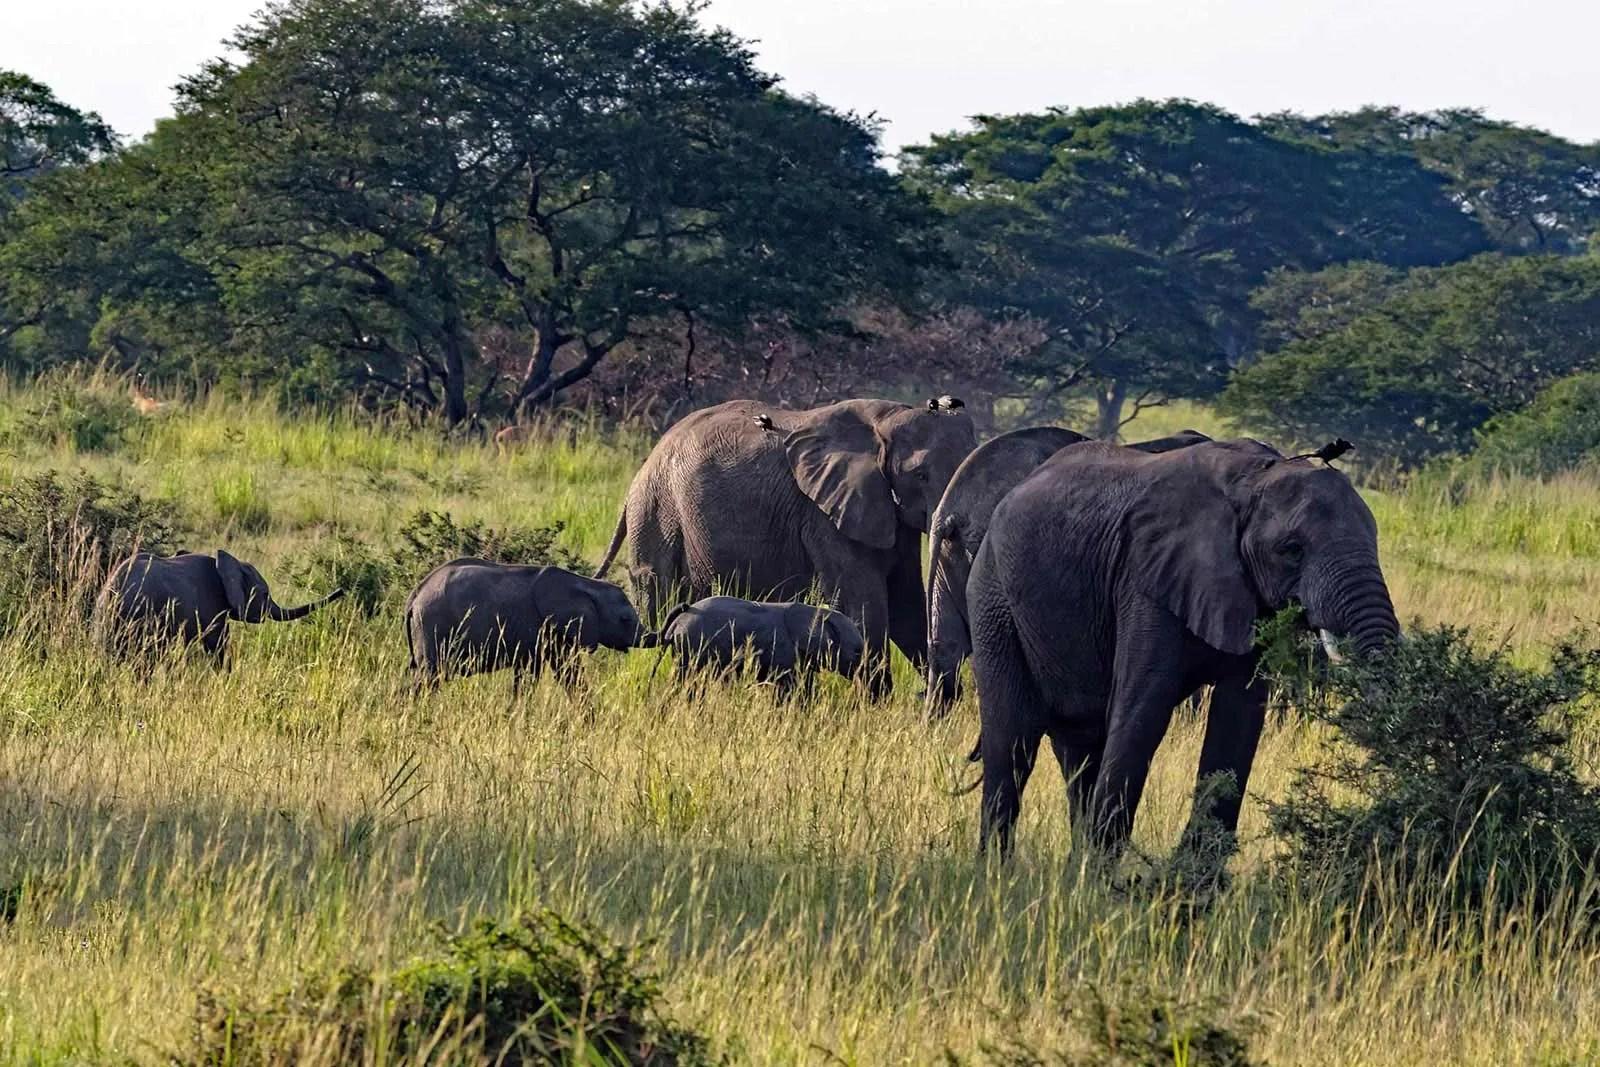 African elephants uganda